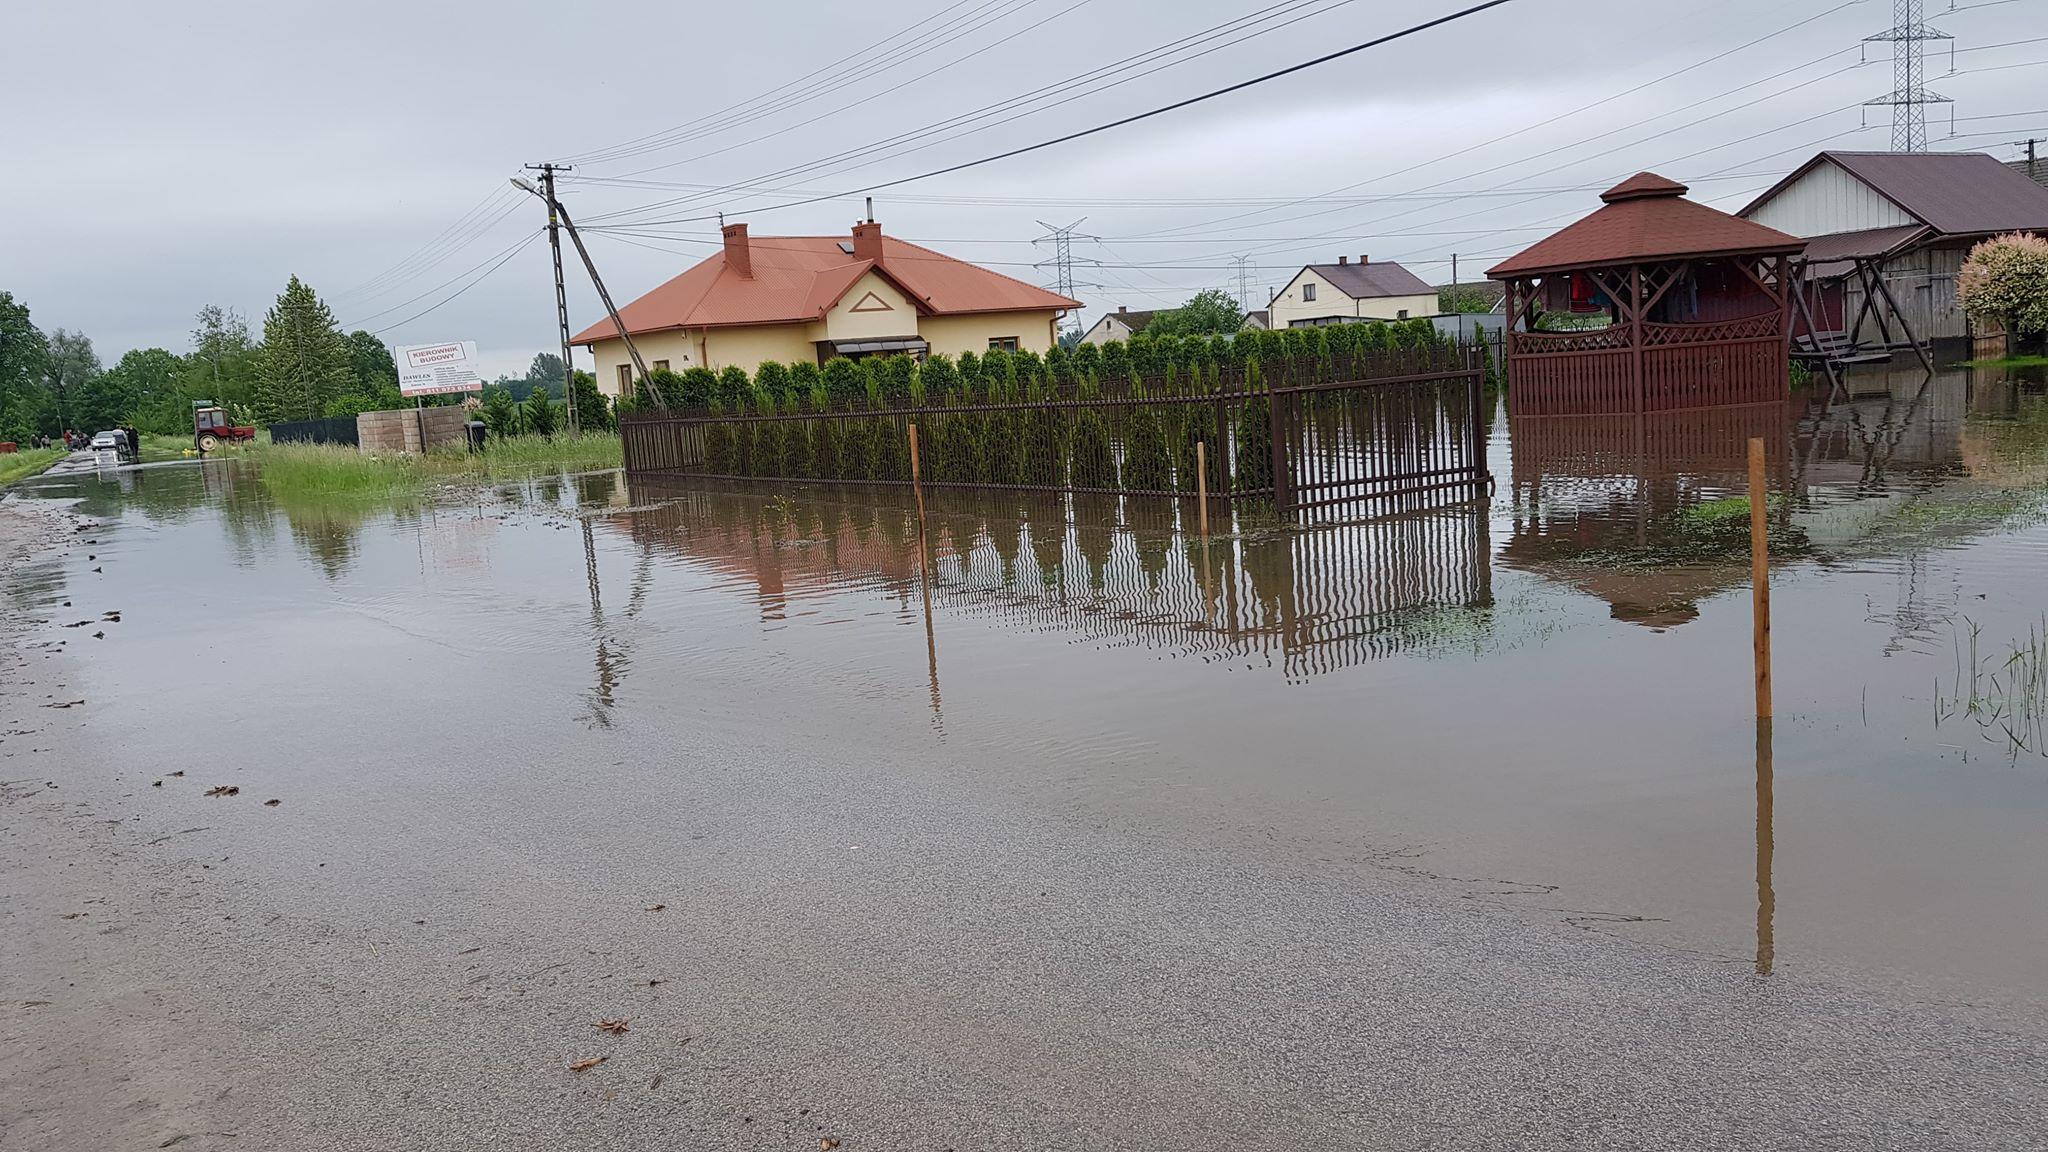 [AKTUALIZACJA:] Coraz gorzej w gminie Czermin! Ewakuacja ludności w Brniu Osuchowskim [FOTO, AUDIO] - Zdjęcie główne